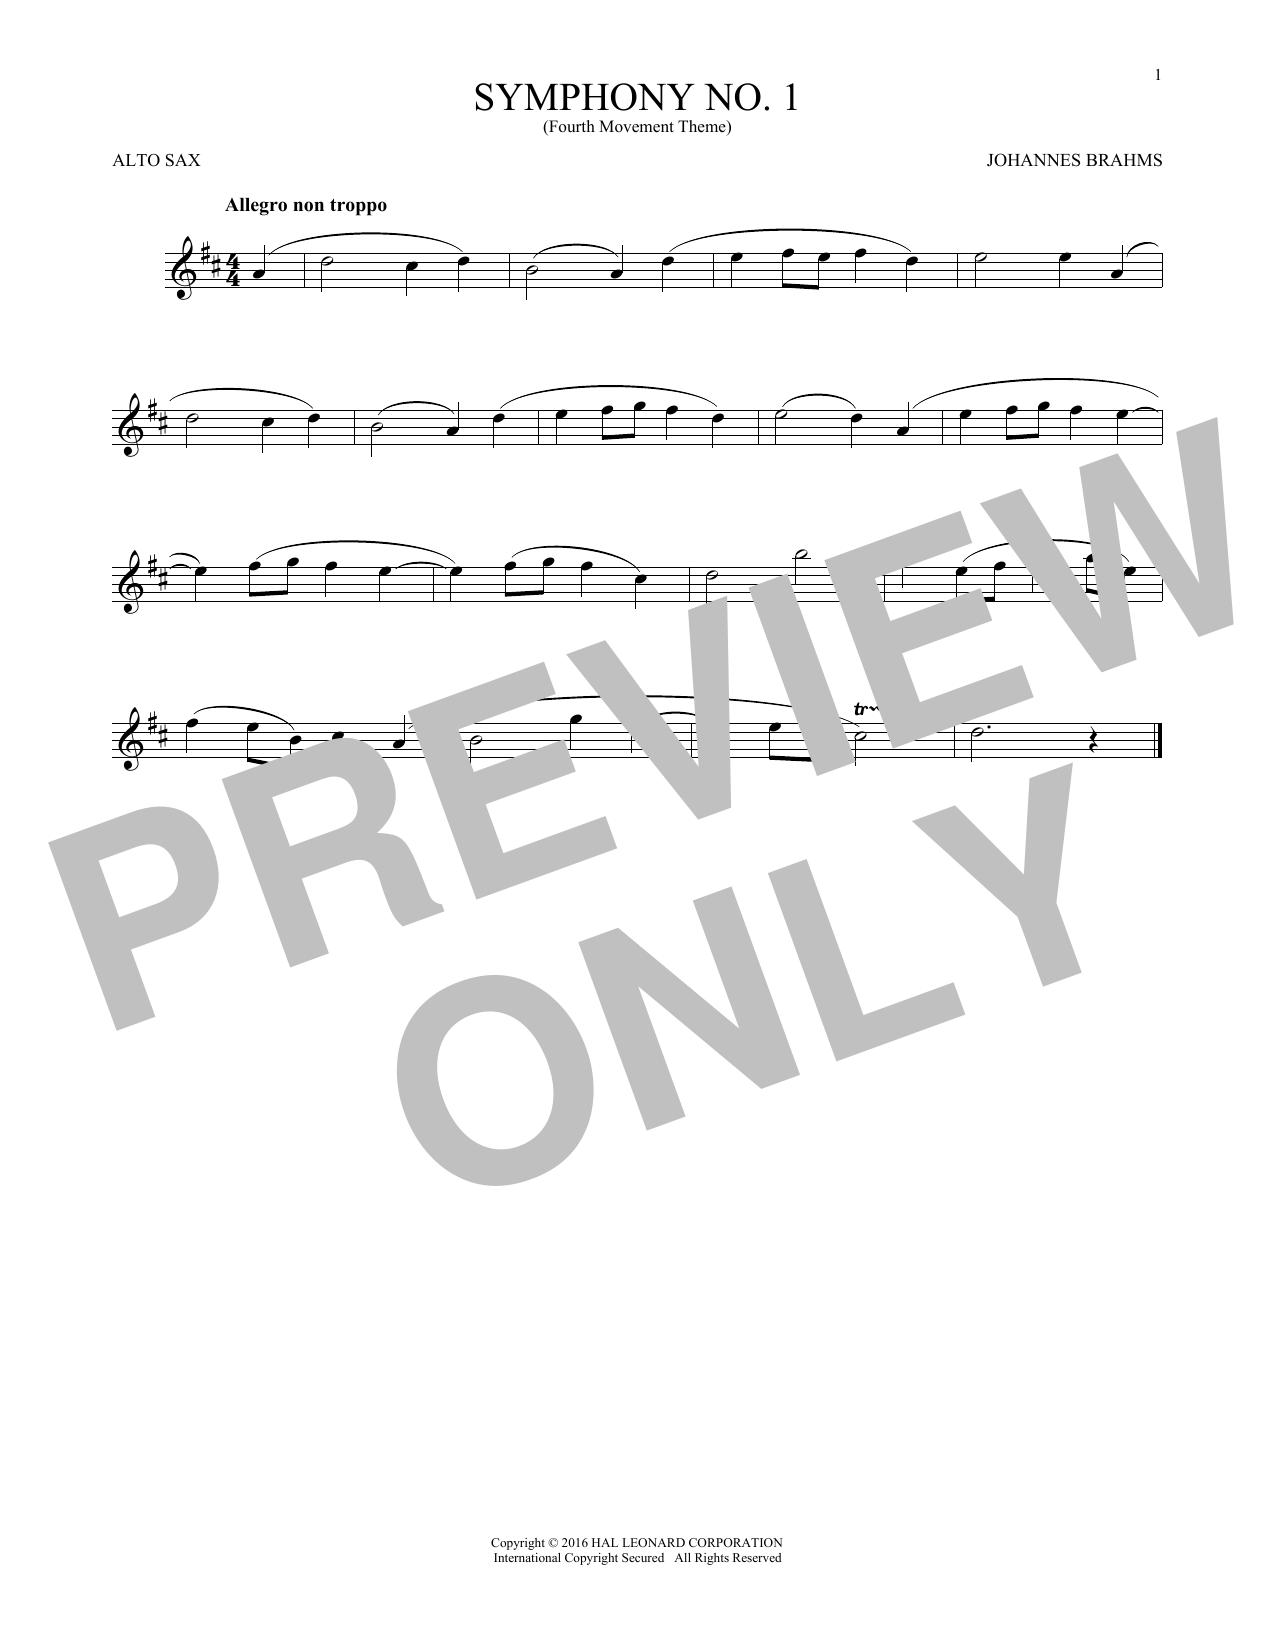 Symphony No. 1 In C Minor, Fourth Movement Excerpt (Alto Sax Solo)